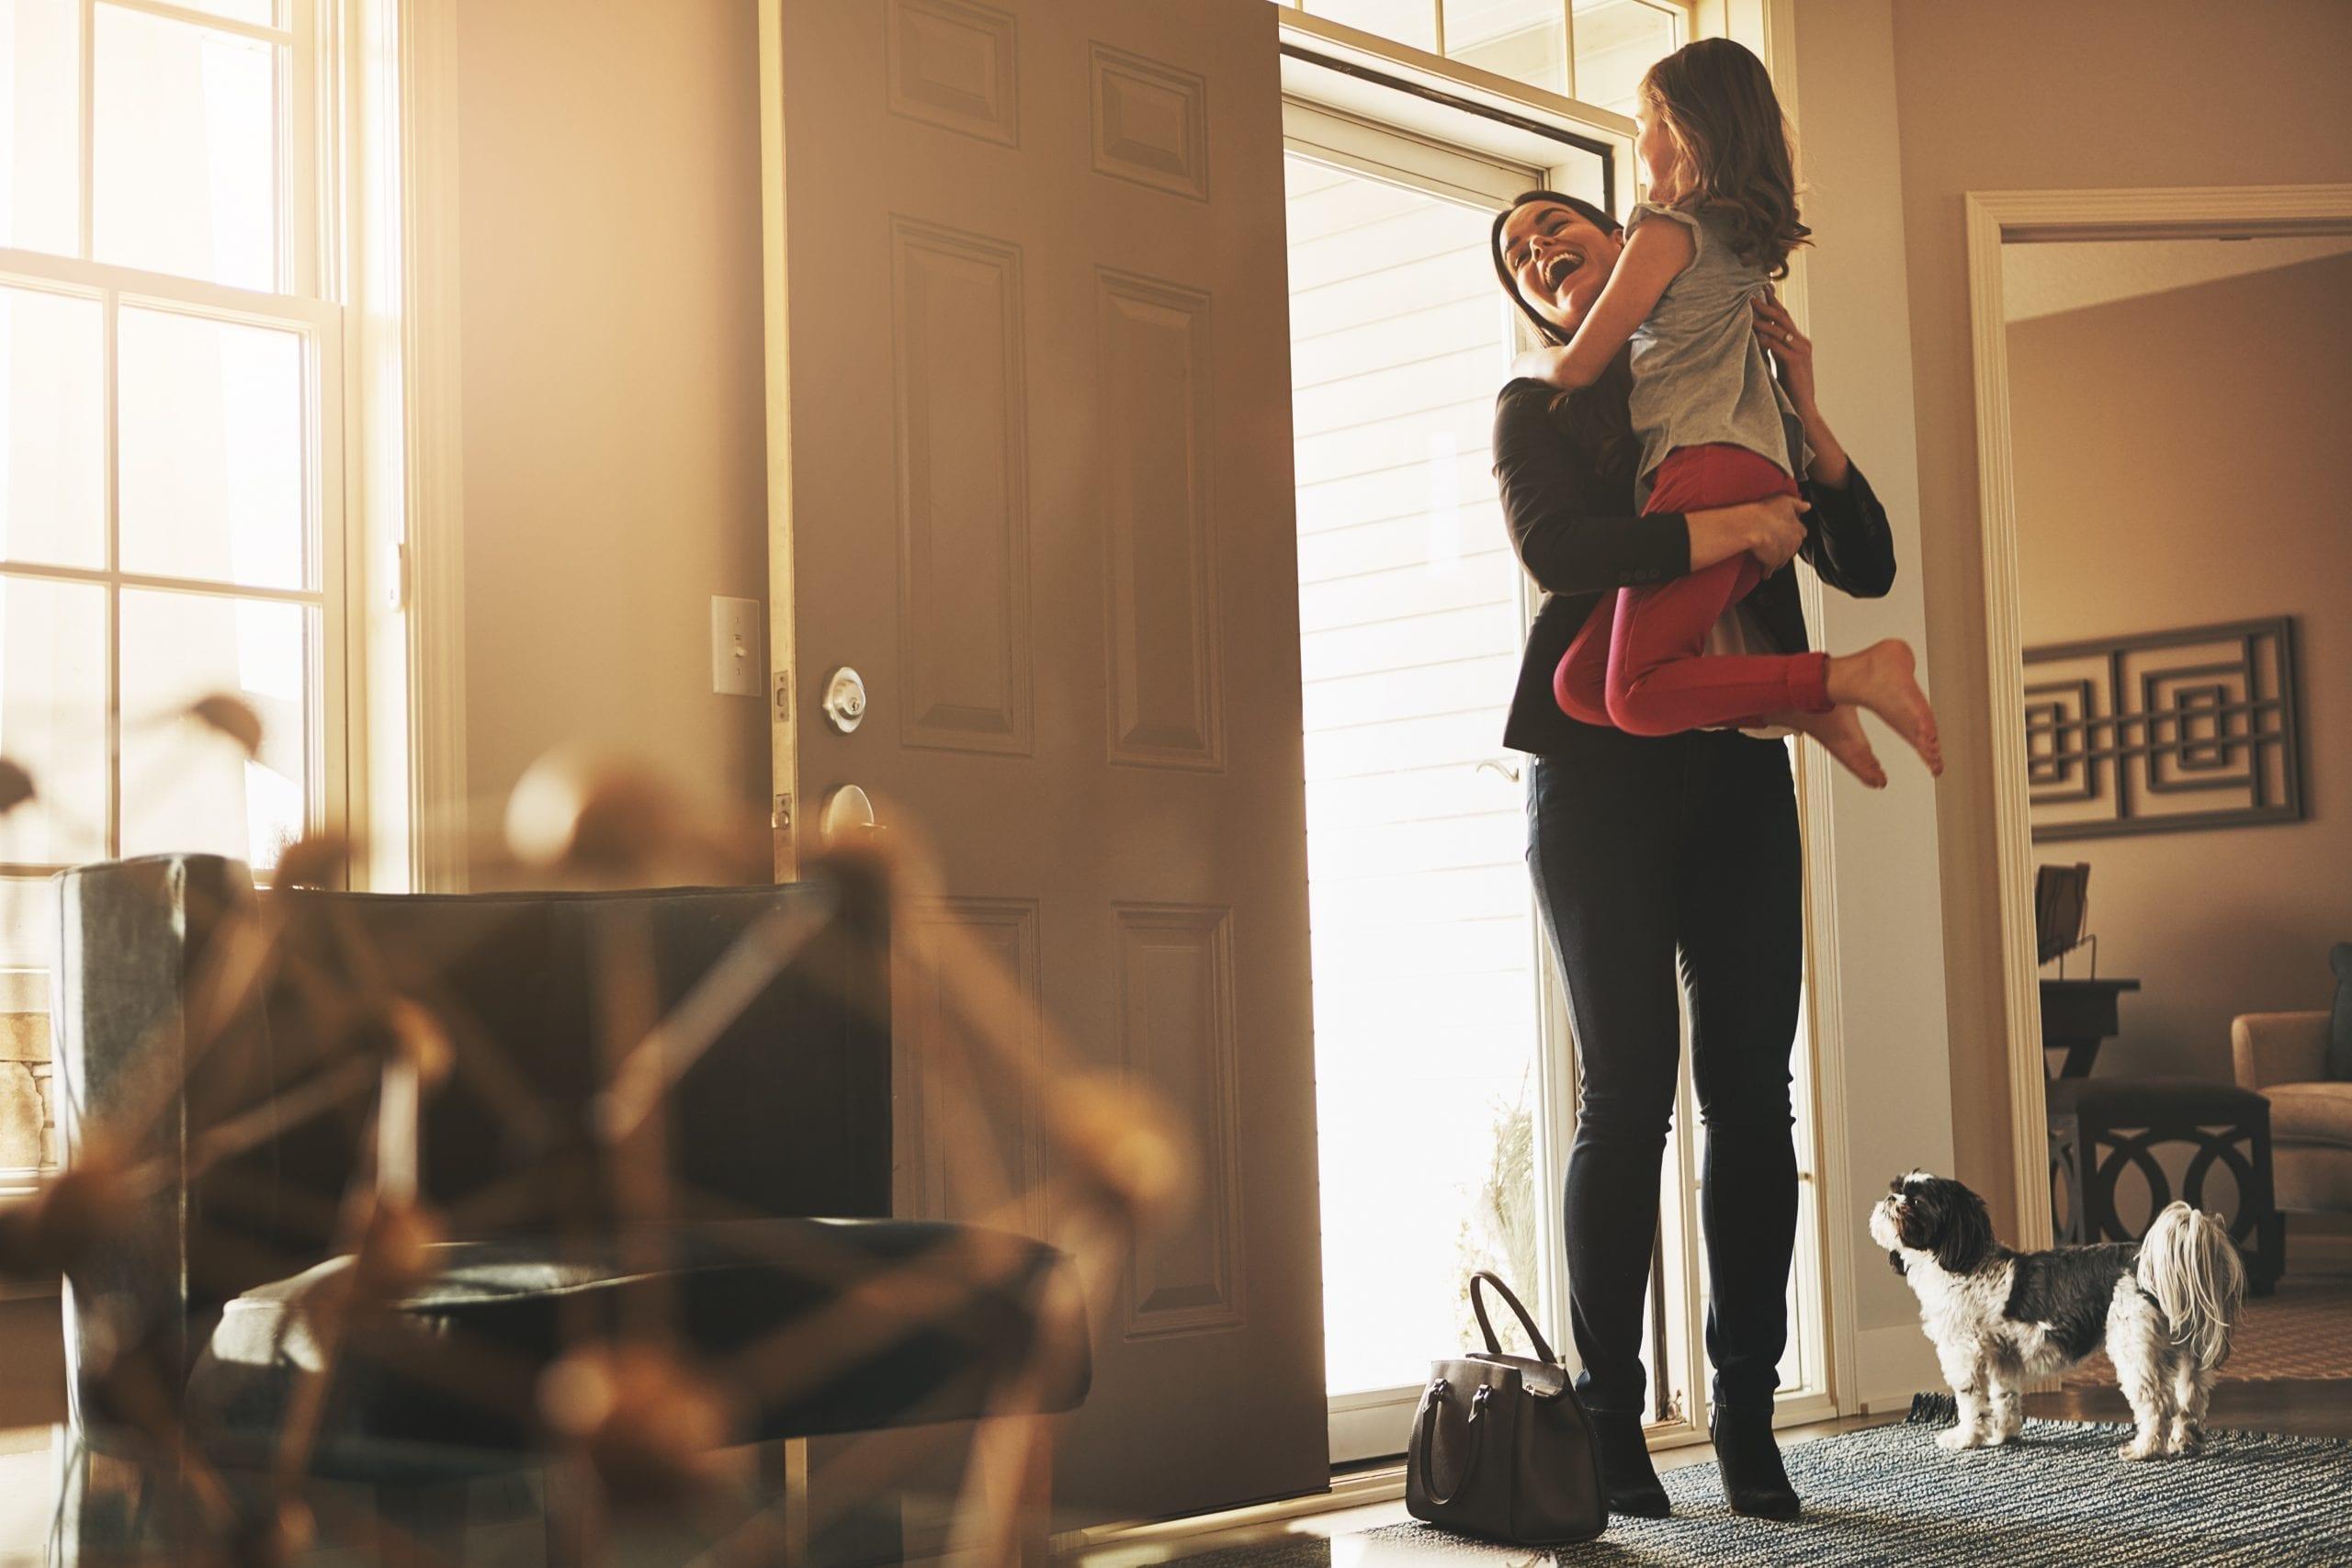 Mère ambitieuse : vivre en harmonie avec ses aspirations professionnelles